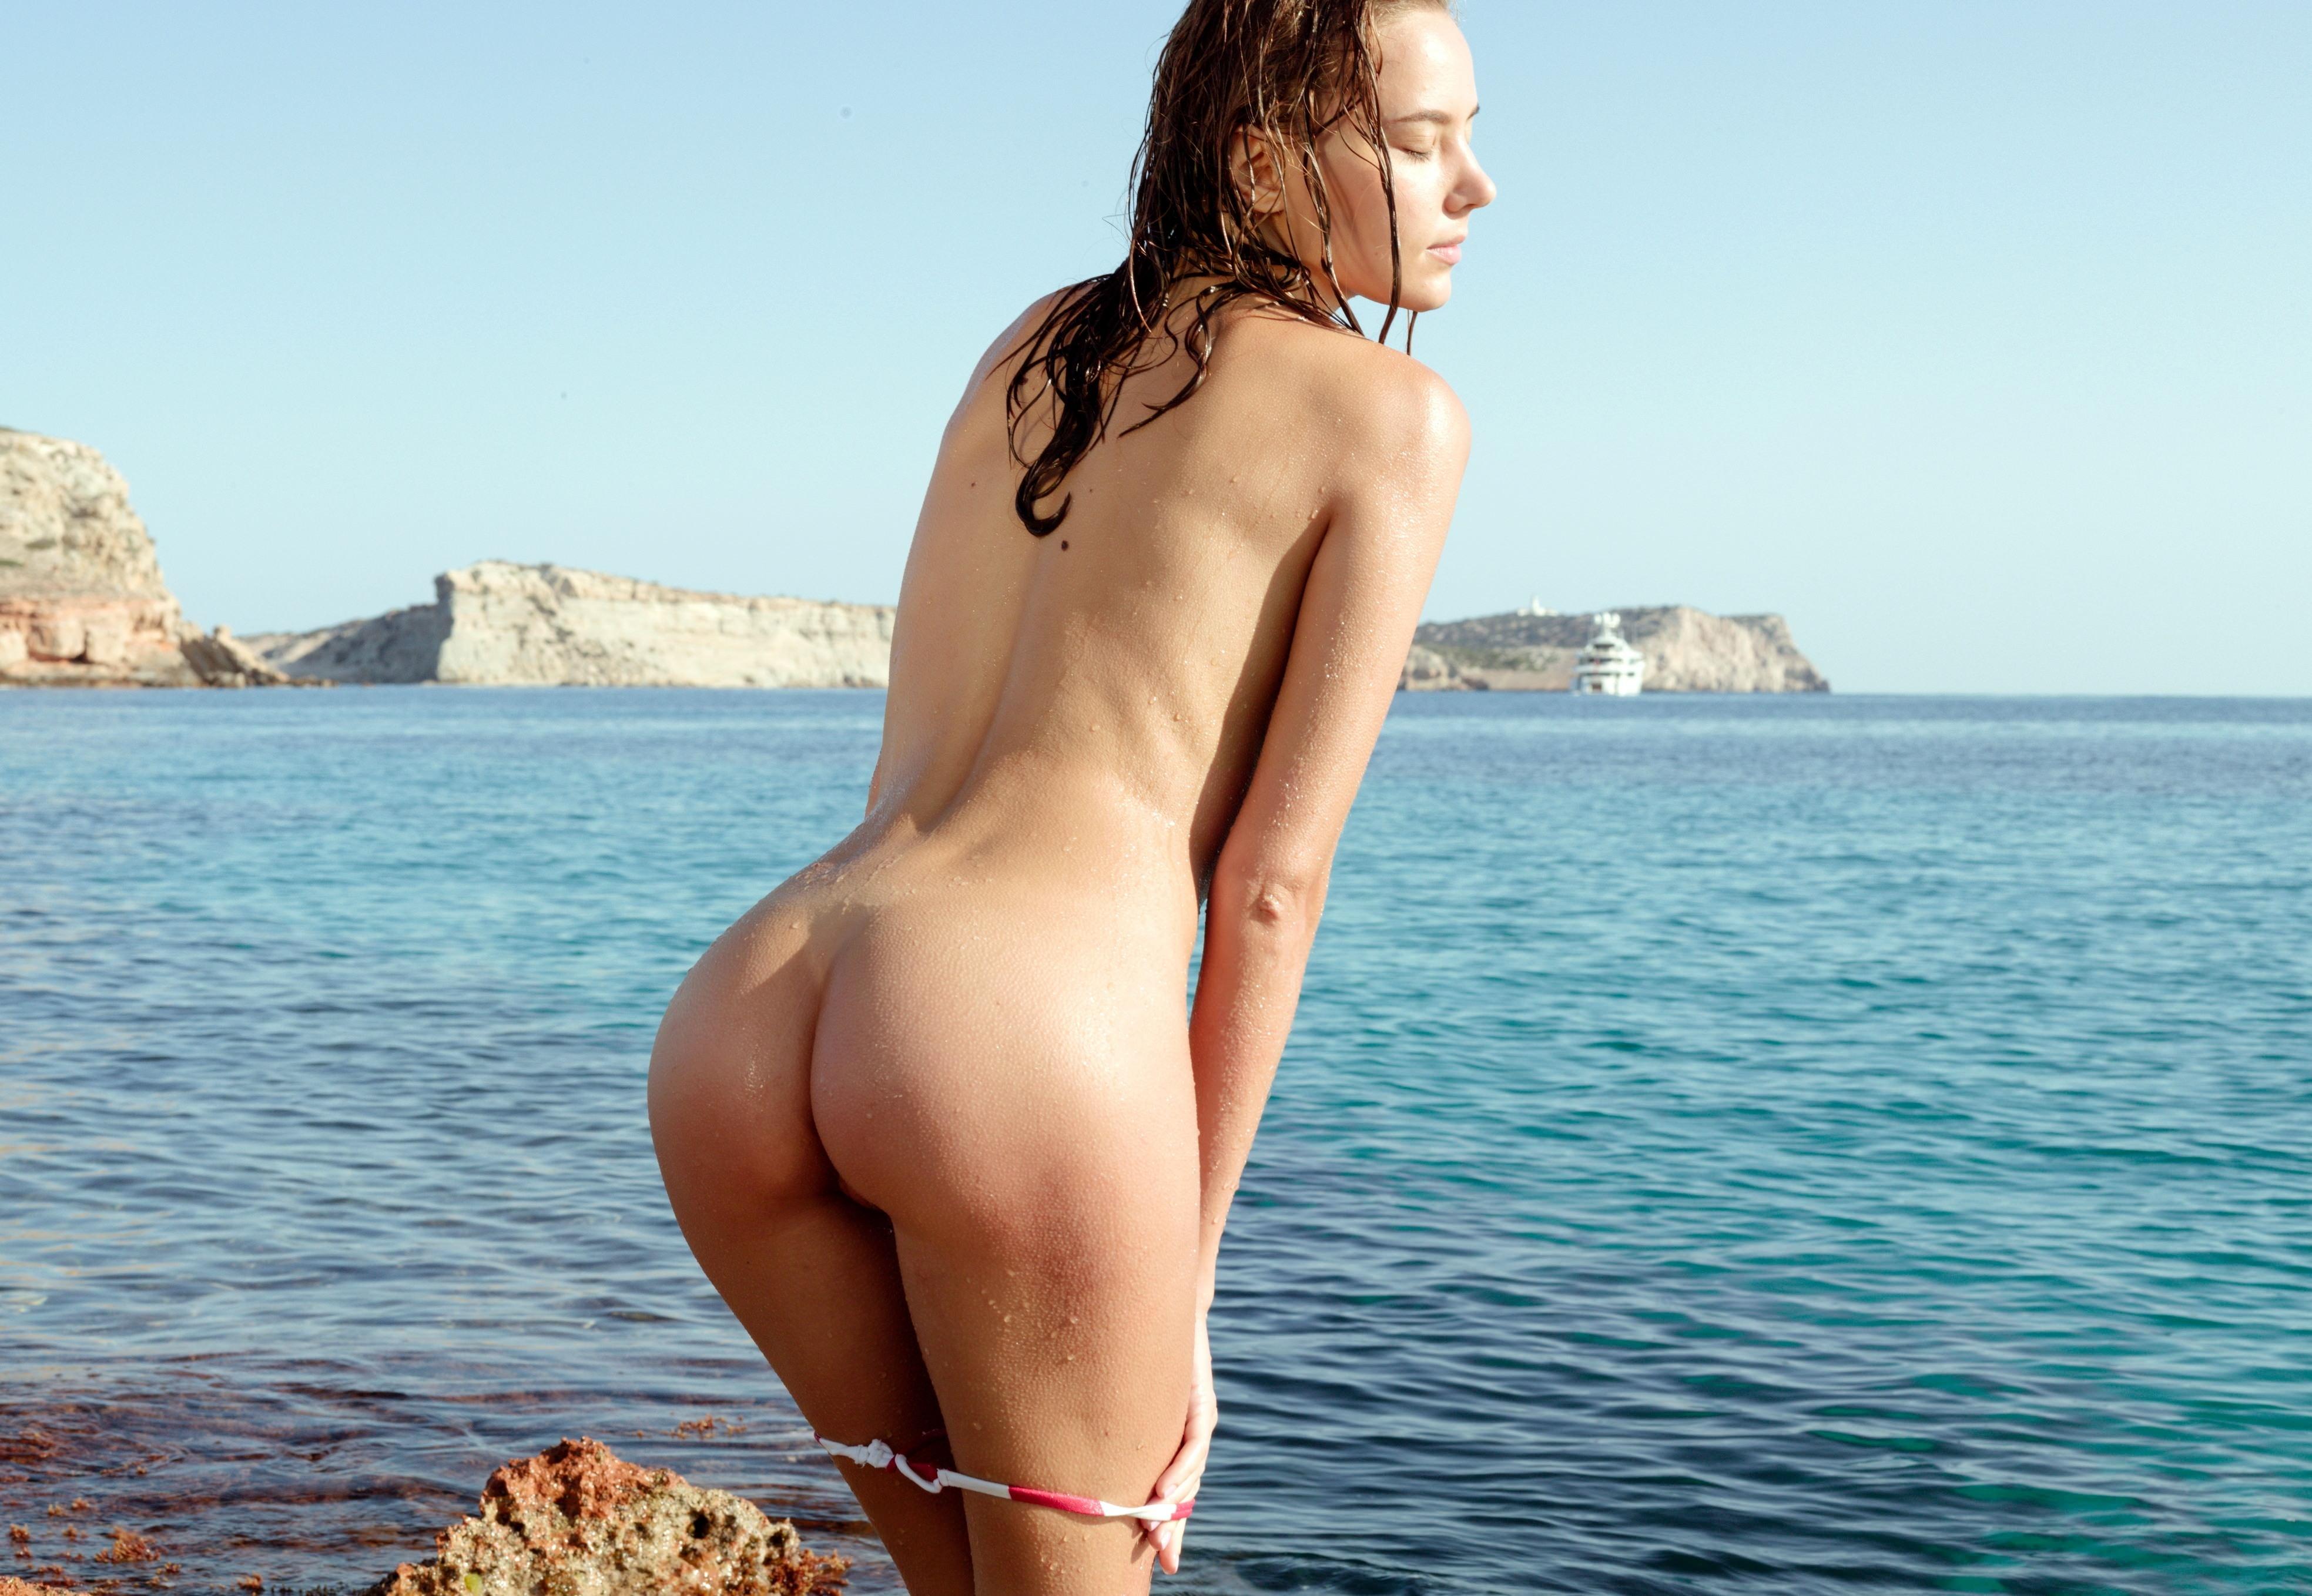 Фото Соблазнительная Катя Гловер снимает трусики на море, сексуальная мокрая попка, скачать картинку бесплатно